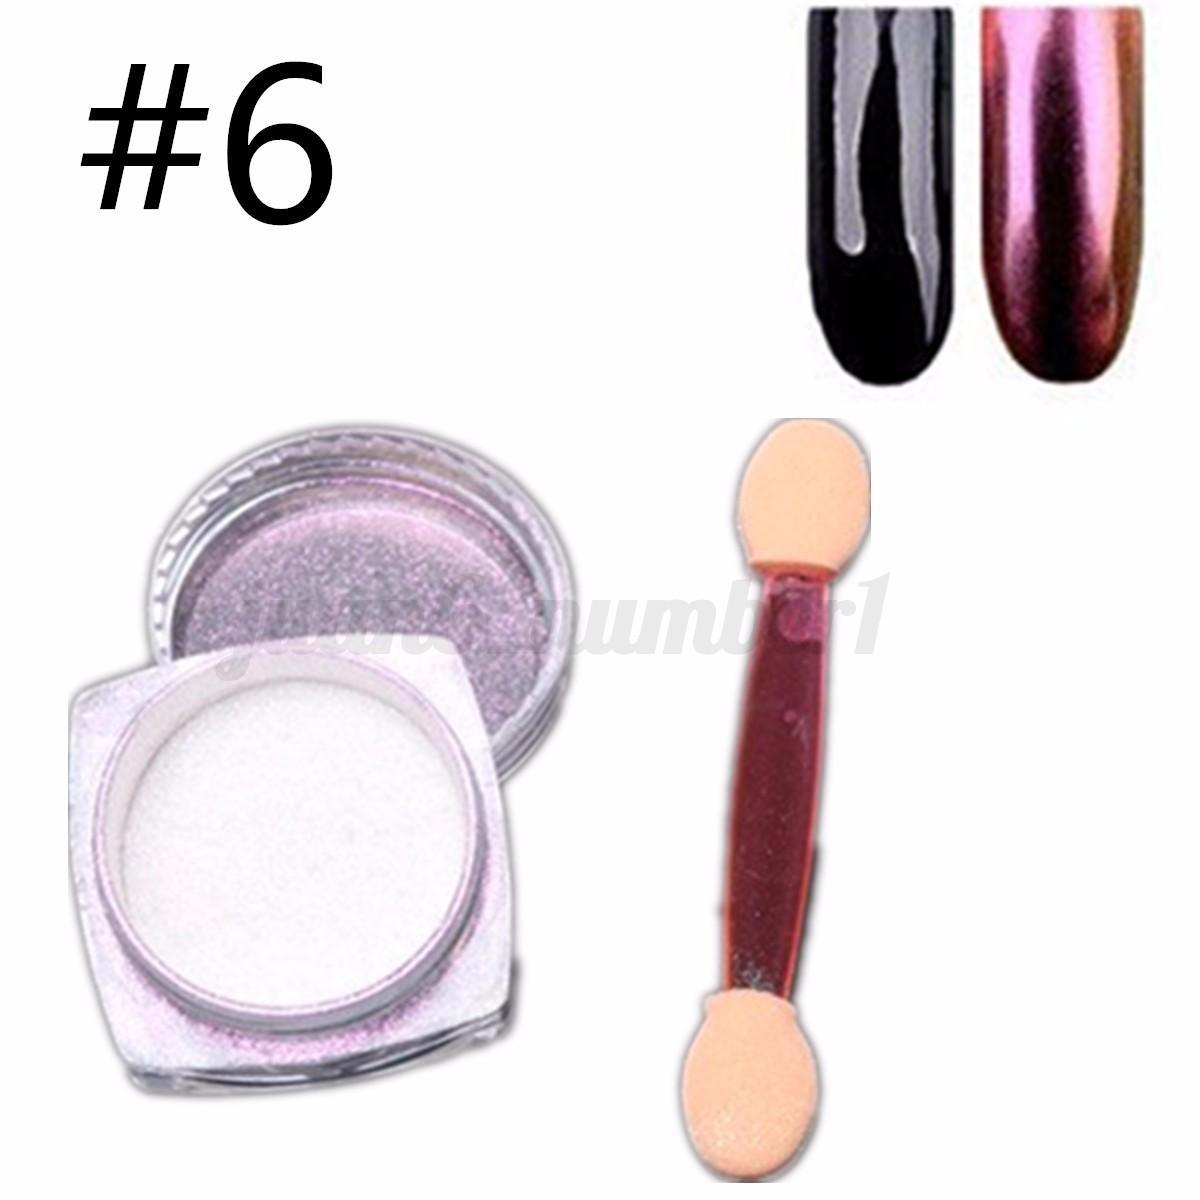 6 12 colori specchio polvere unghie effetto cromato mirror powder nail art set ebay - Polvere specchio unghie ...